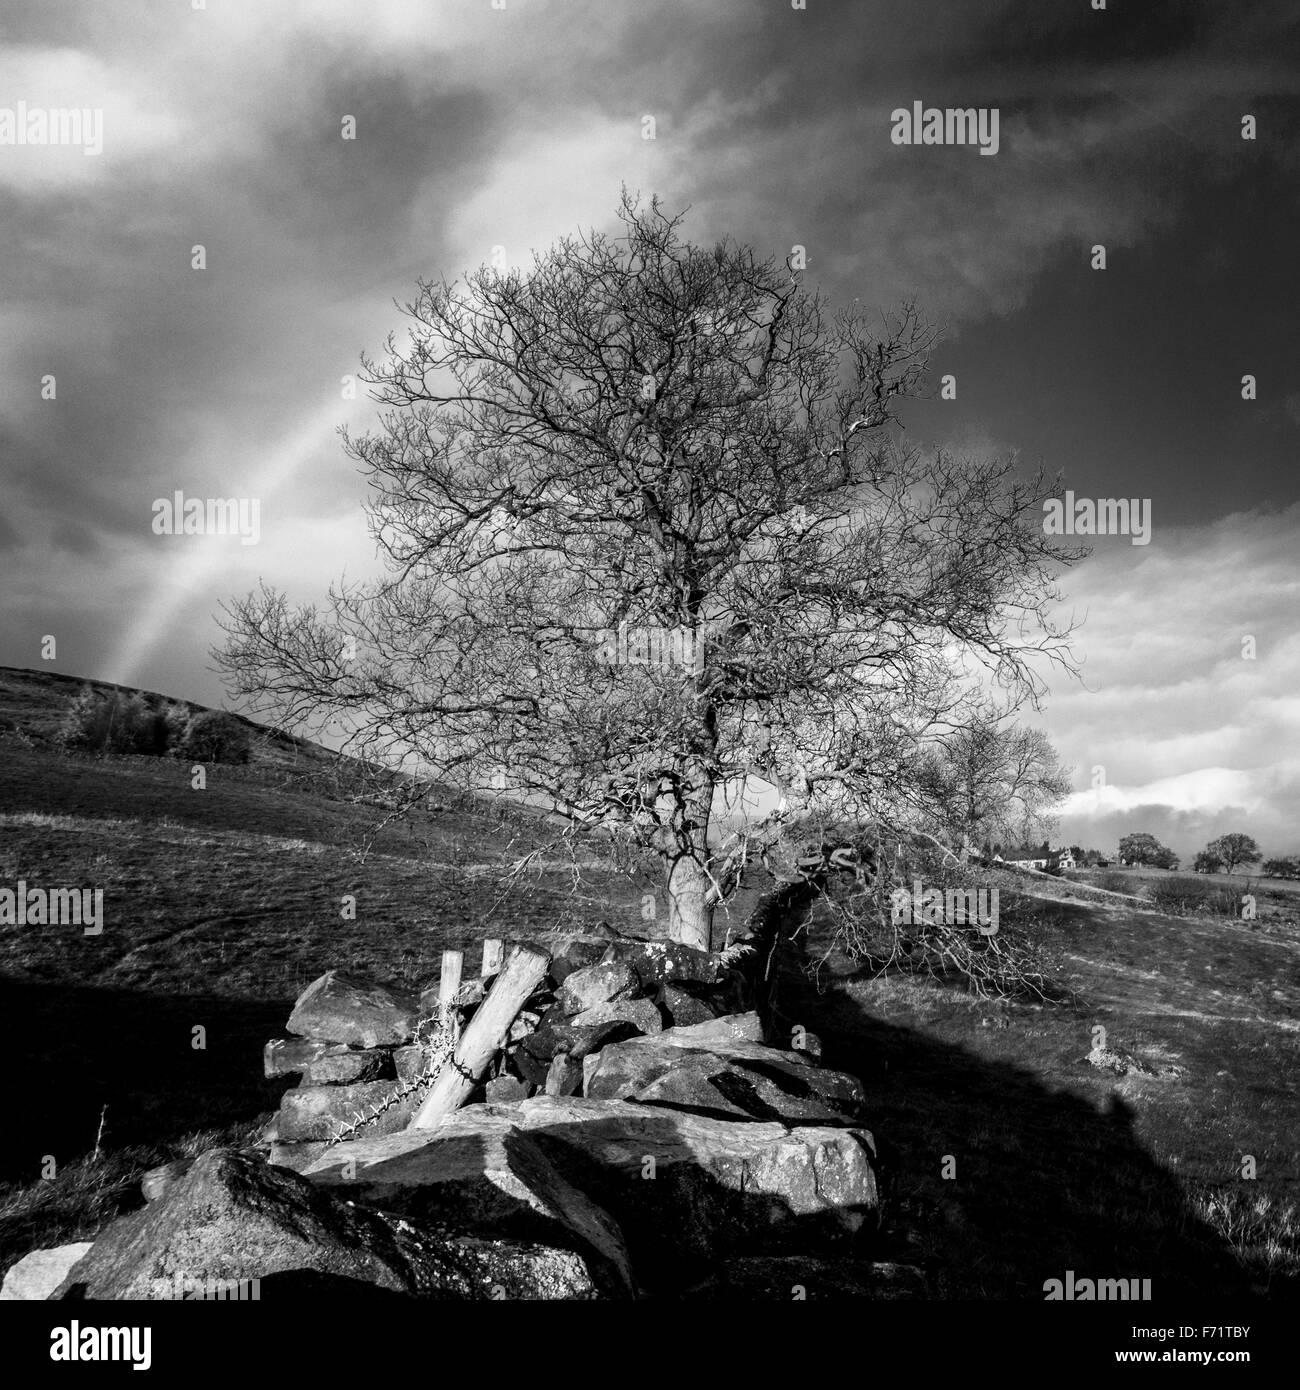 Un arc-en-ciel monochrome l'élaboration d'une arborescence et magnifiquement éclairée par Photo Stock